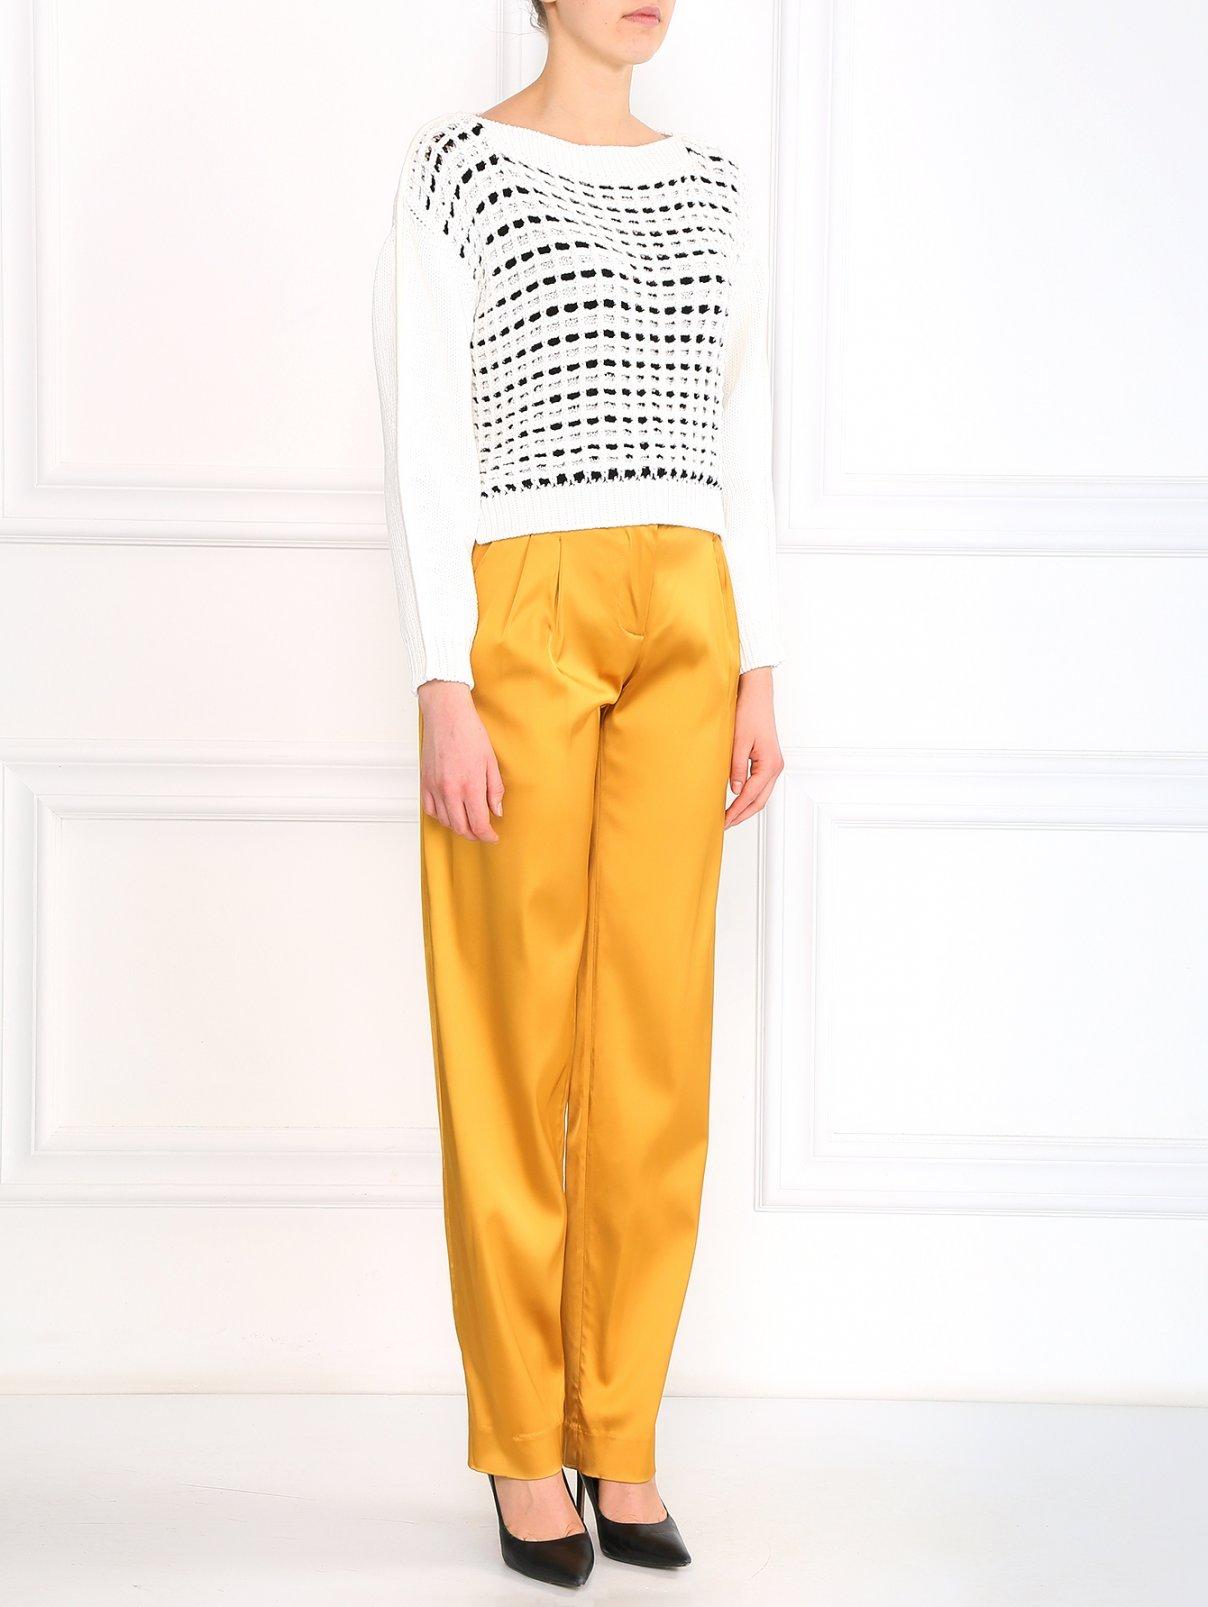 Широкие брюки с высокой посадкой Au Jour Le Jour  –  Модель Общий вид  – Цвет:  Золотой